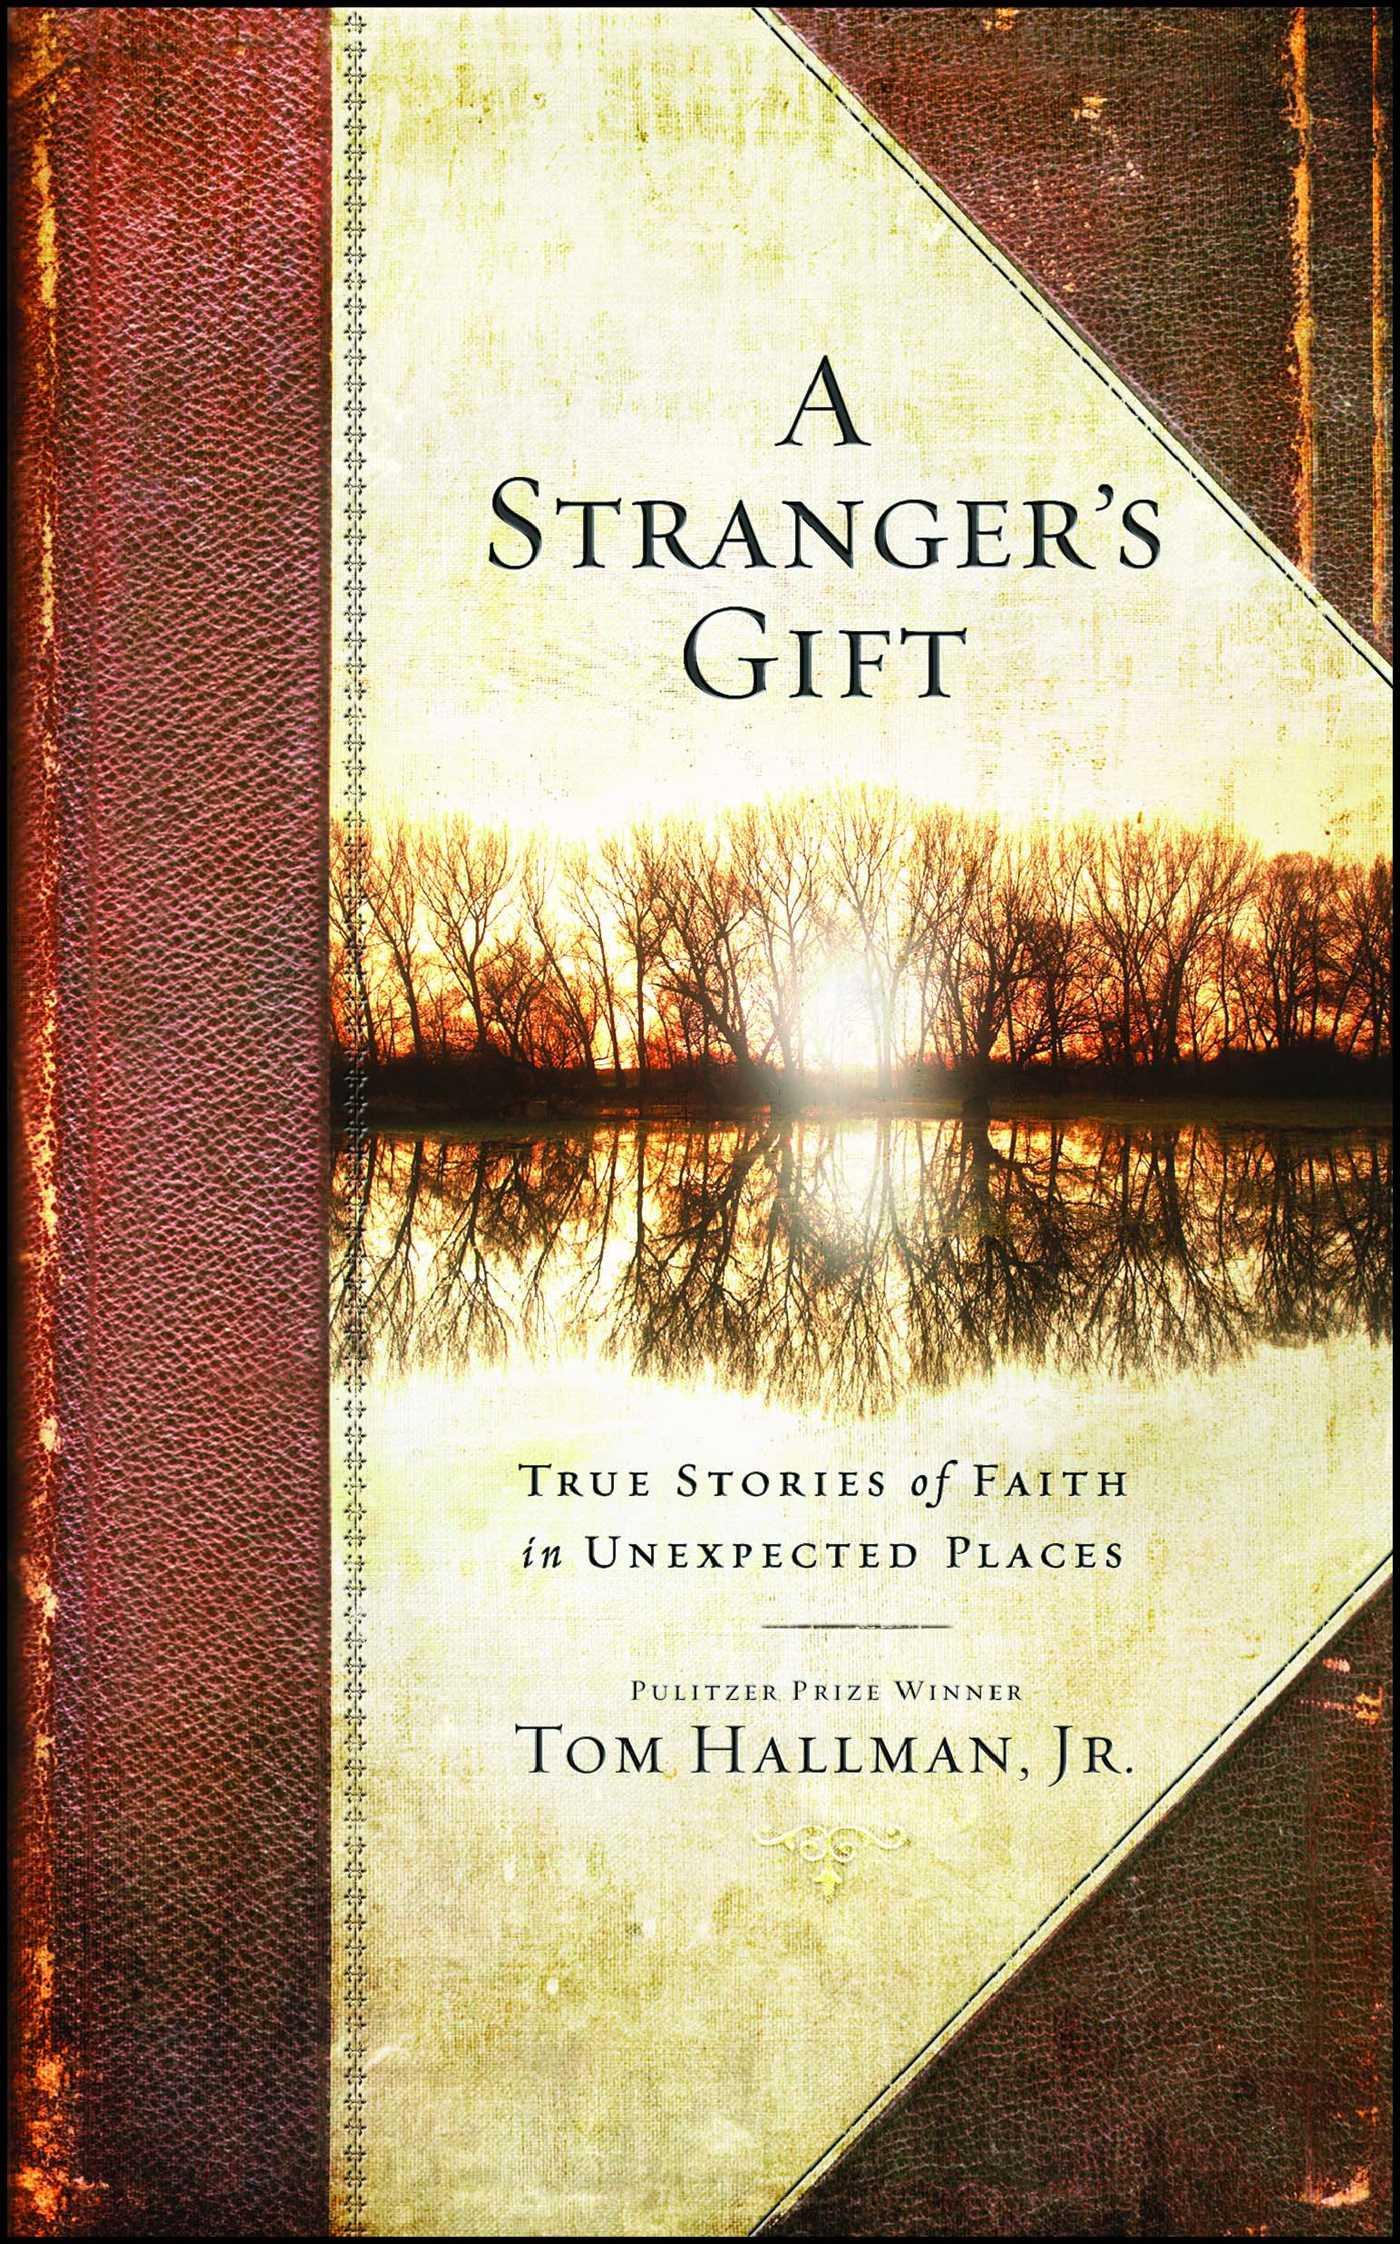 Book Cover Image (jpg): A Stranger's Gift